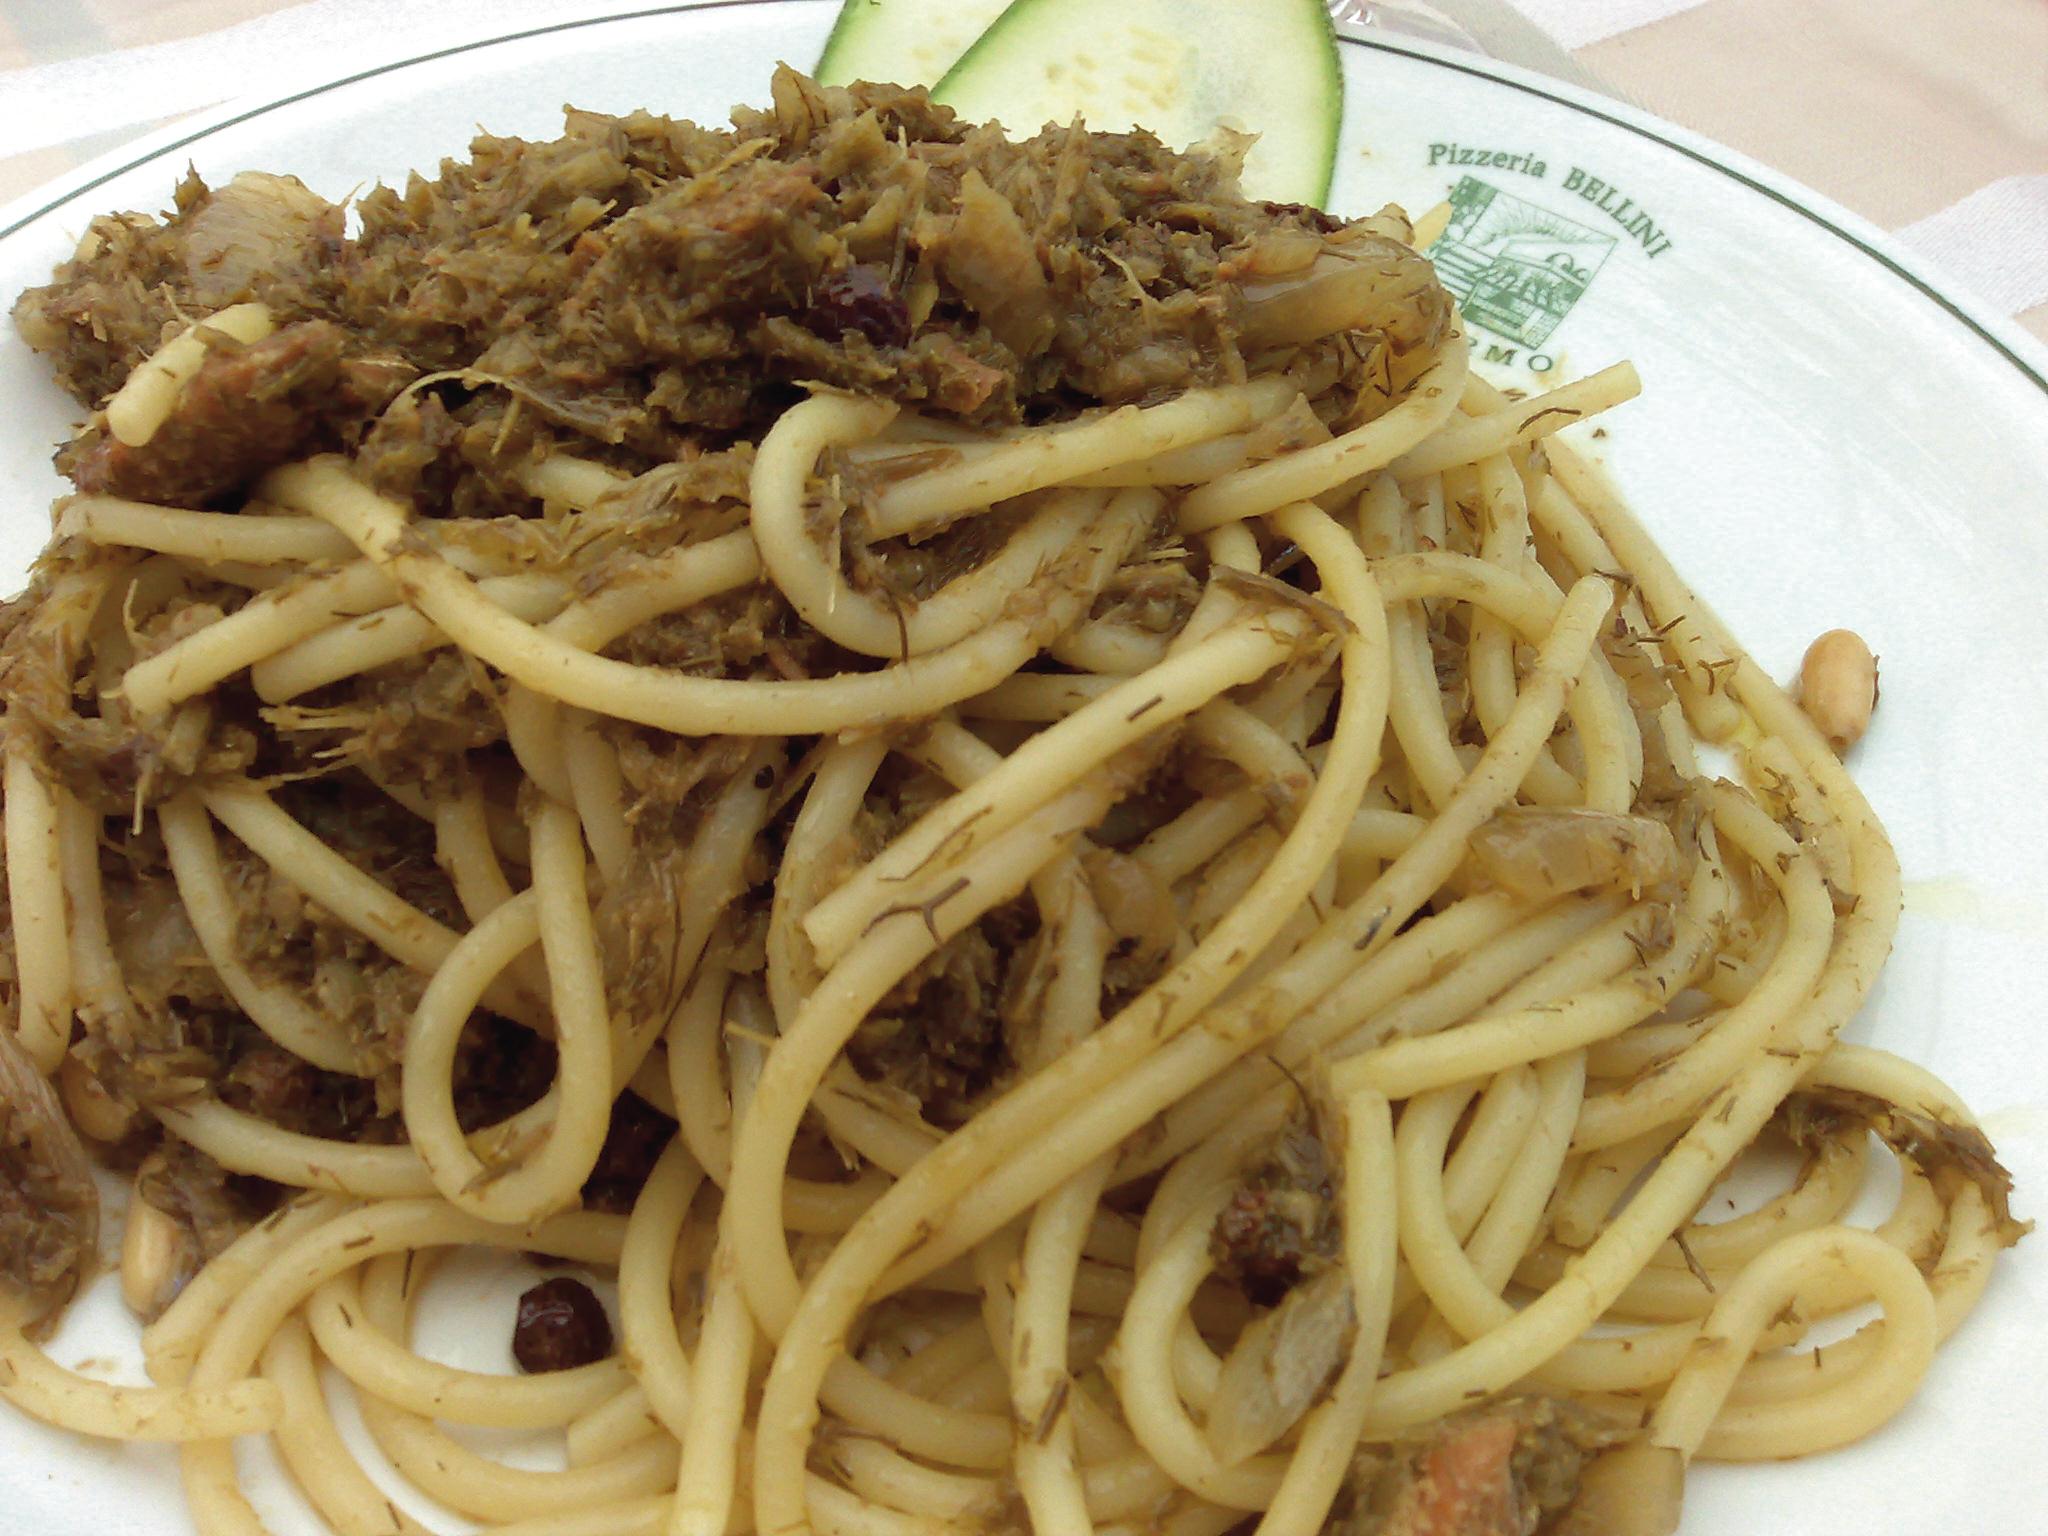 ... pasta cod roe pasta blt pasta nettle pasta pasta carbonara seafood